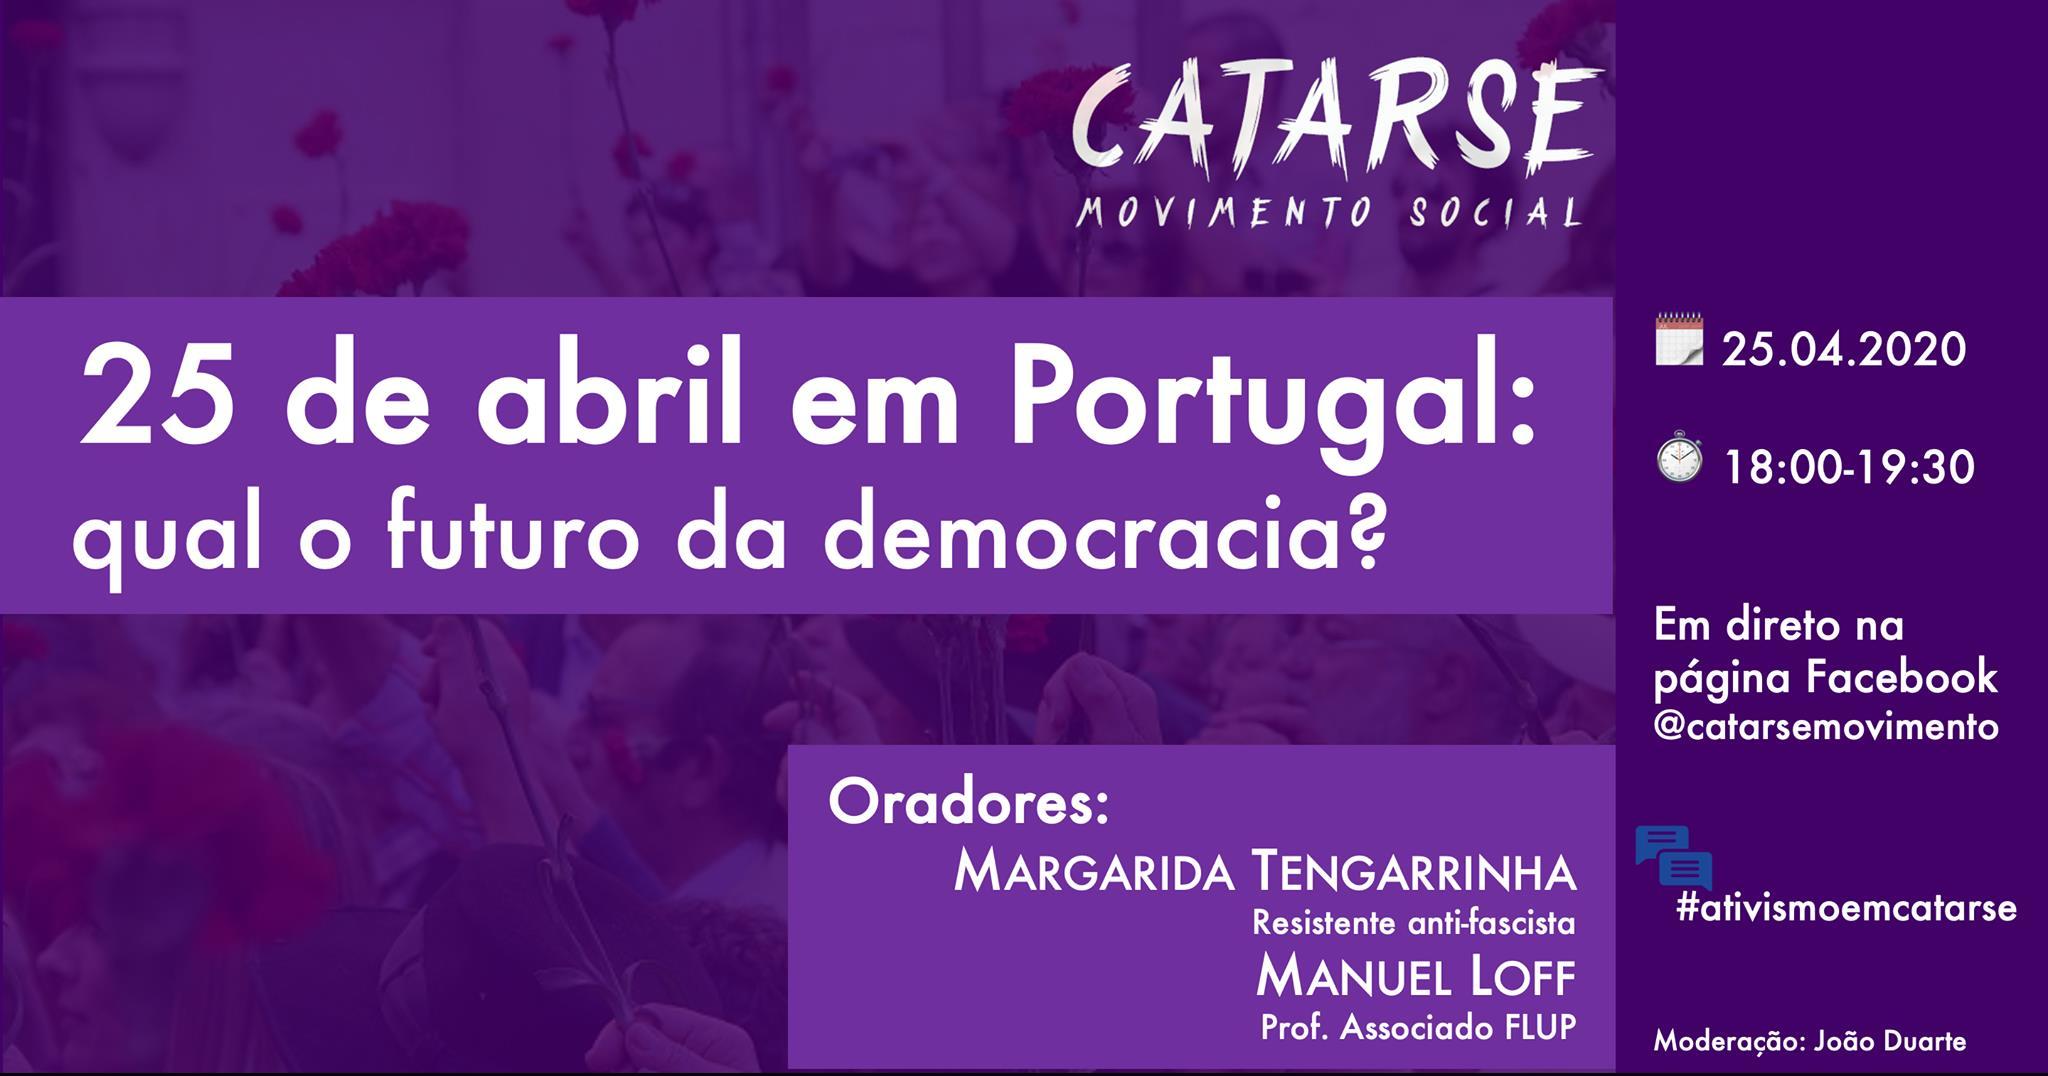 Ciclo de Conferências #ativismoemcatarse